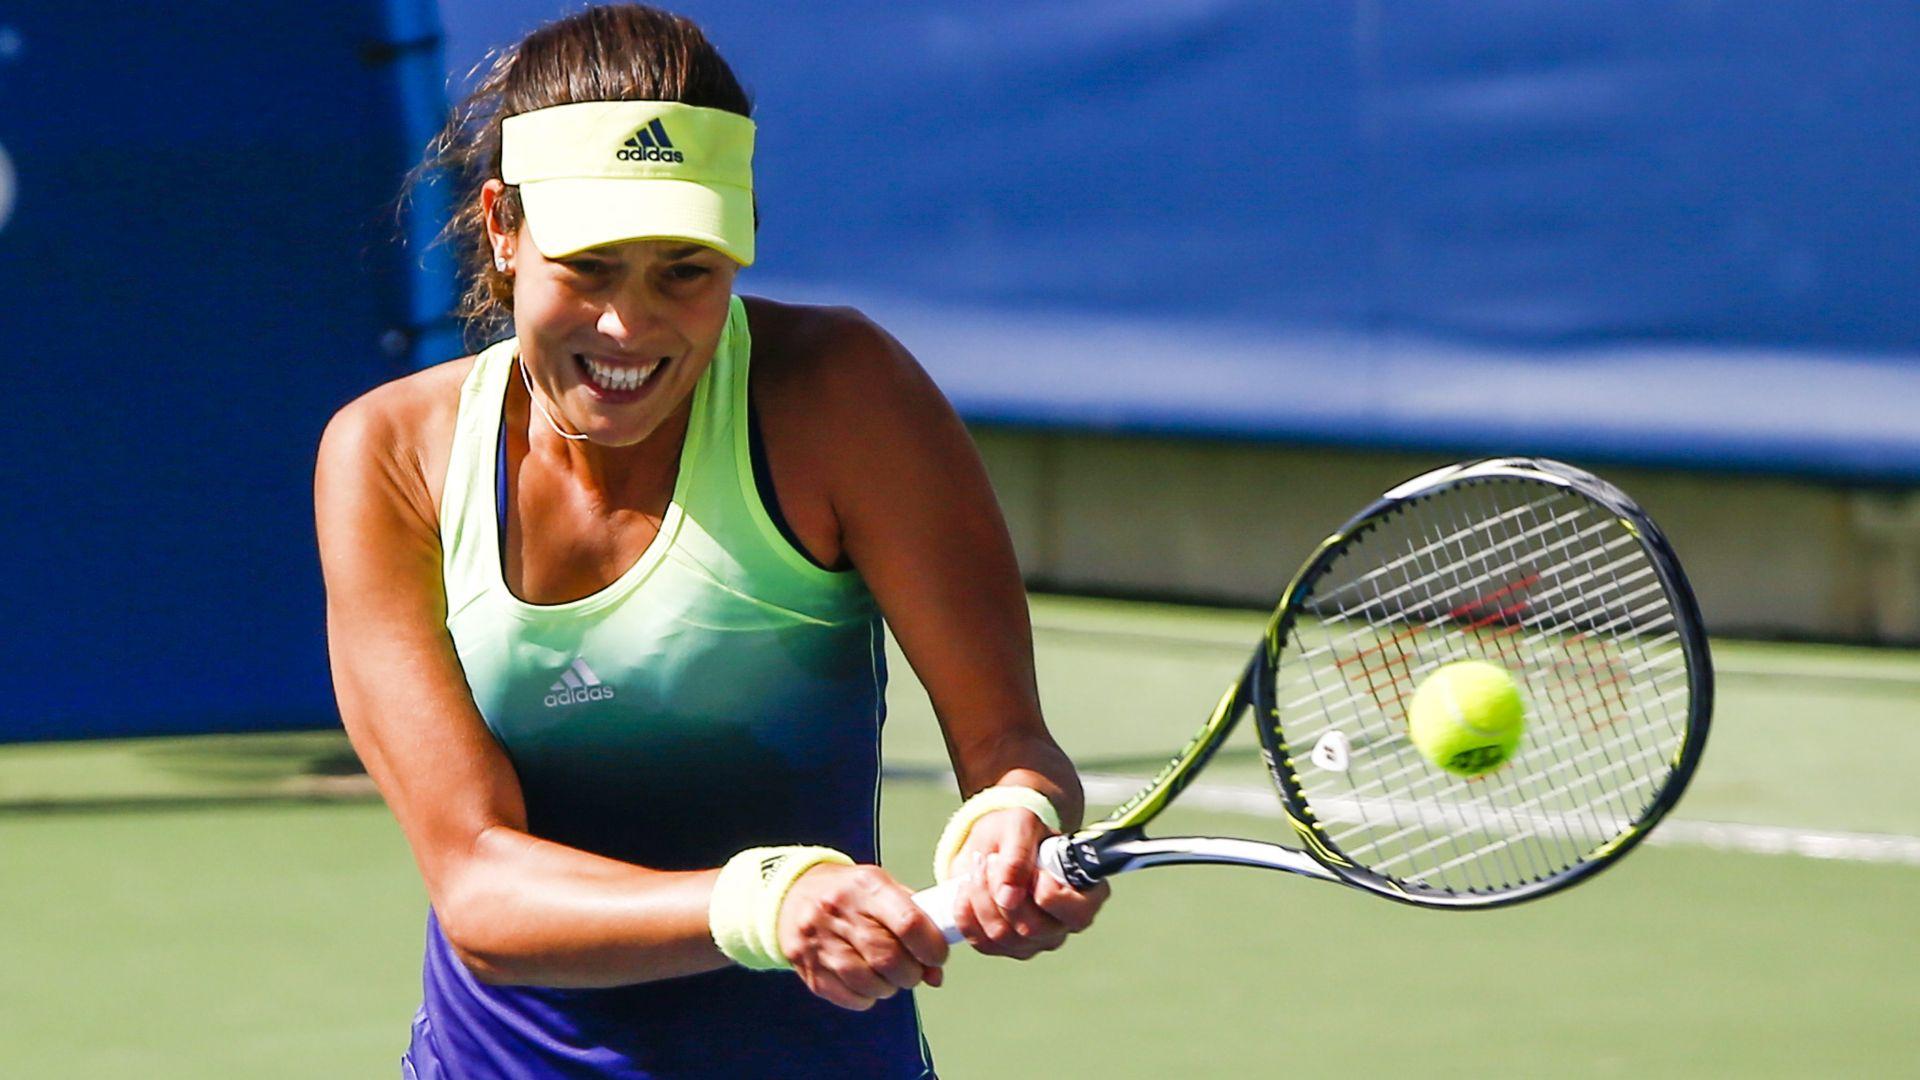 POČEO US OPEN Već prvog dana Grand Slama iznenađenje – ispala Ana Ivanović